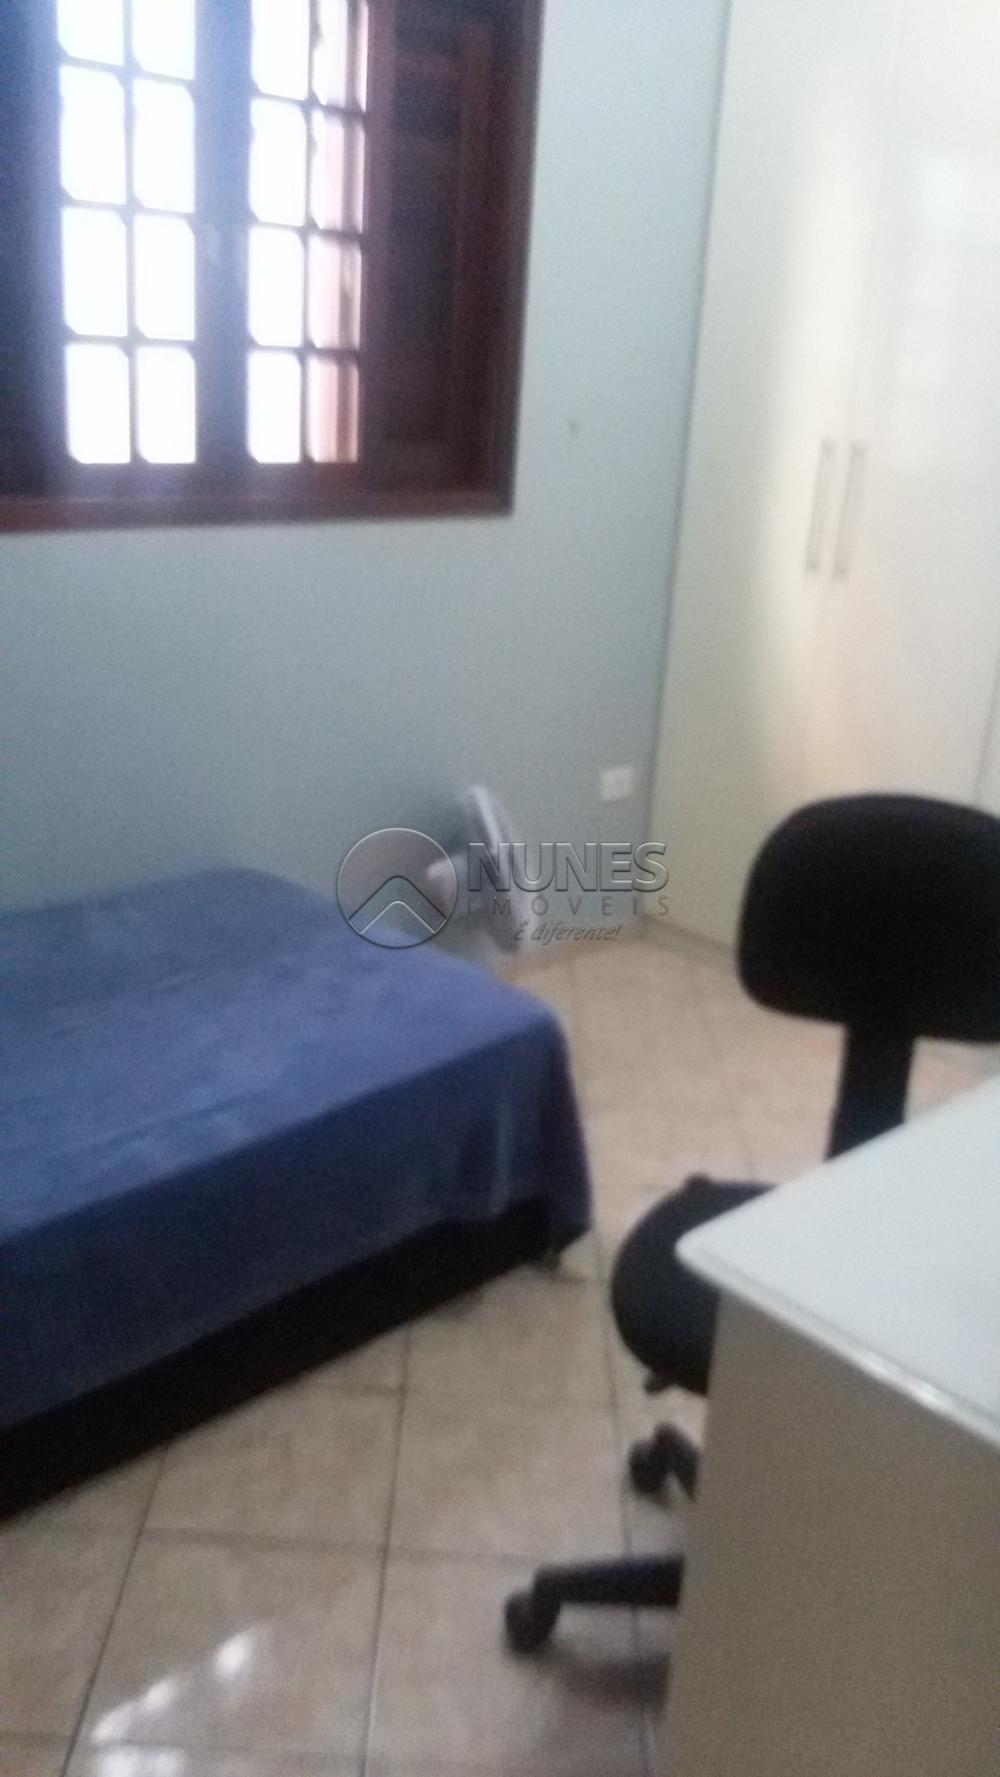 Sobrado de 3 dormitórios à venda em Parque Santa Teresa, Carapicuíba - SP